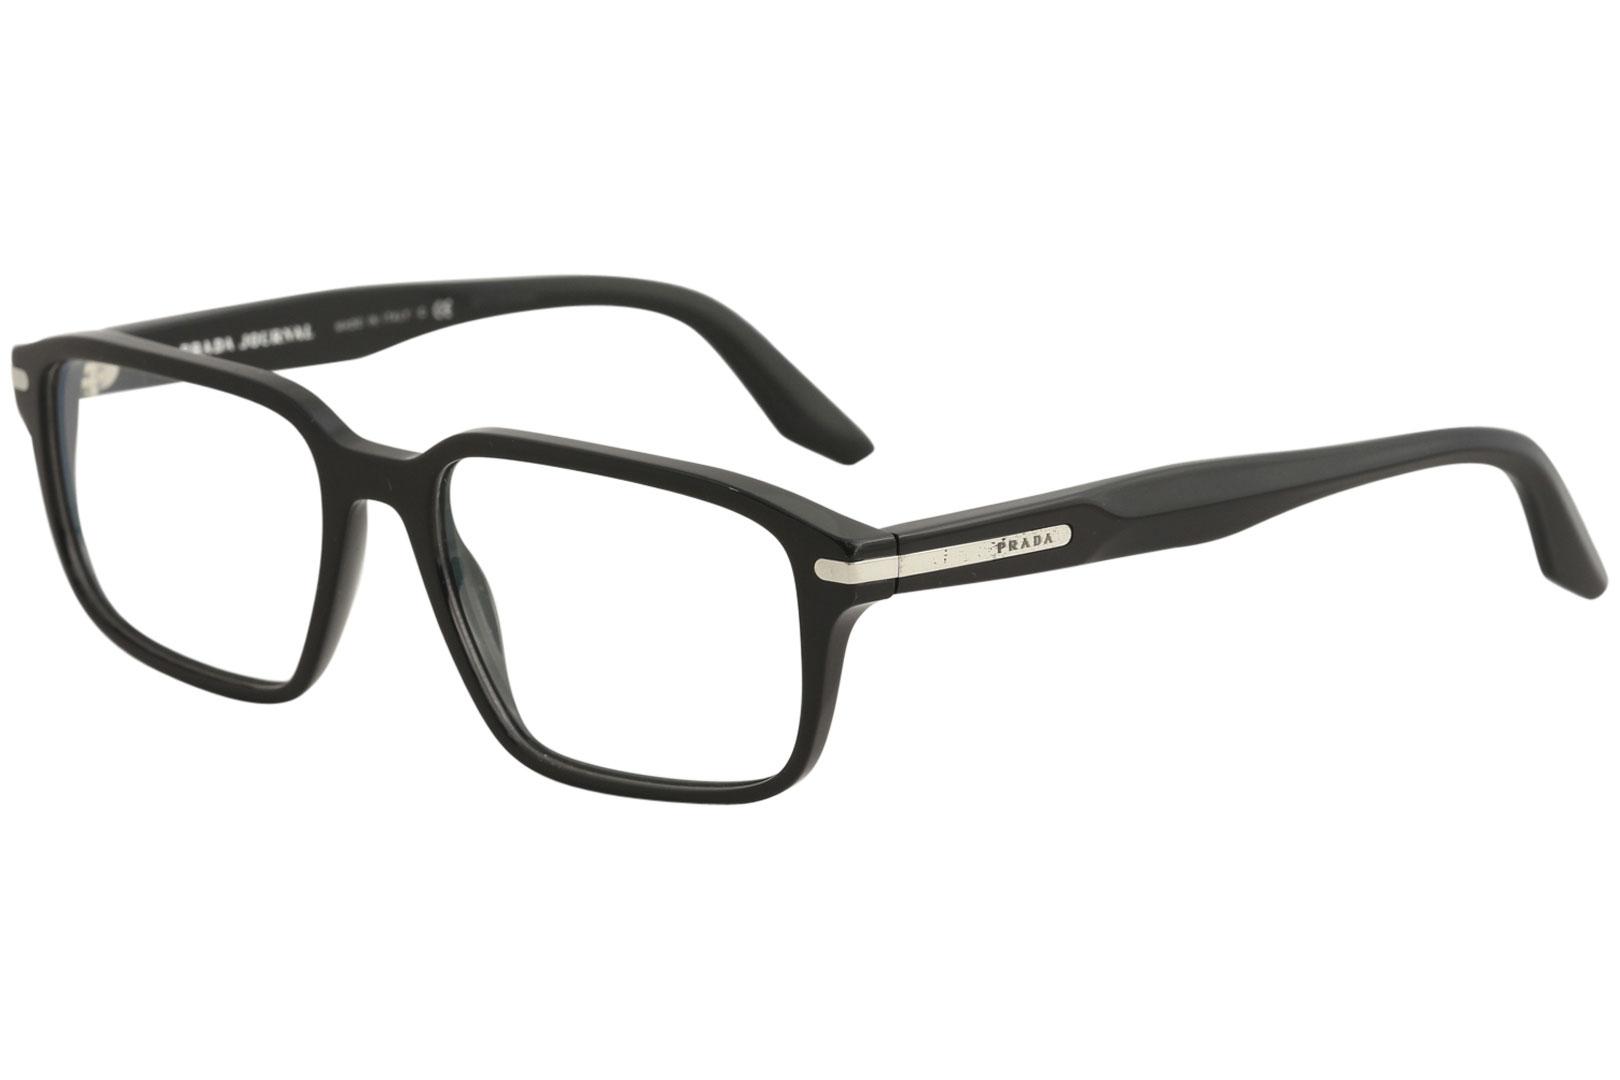 6920e1eb37 Prada Men s Eyeglasses VPR09T VPR 09 T 1AB 1O1 Black Full Rim ...